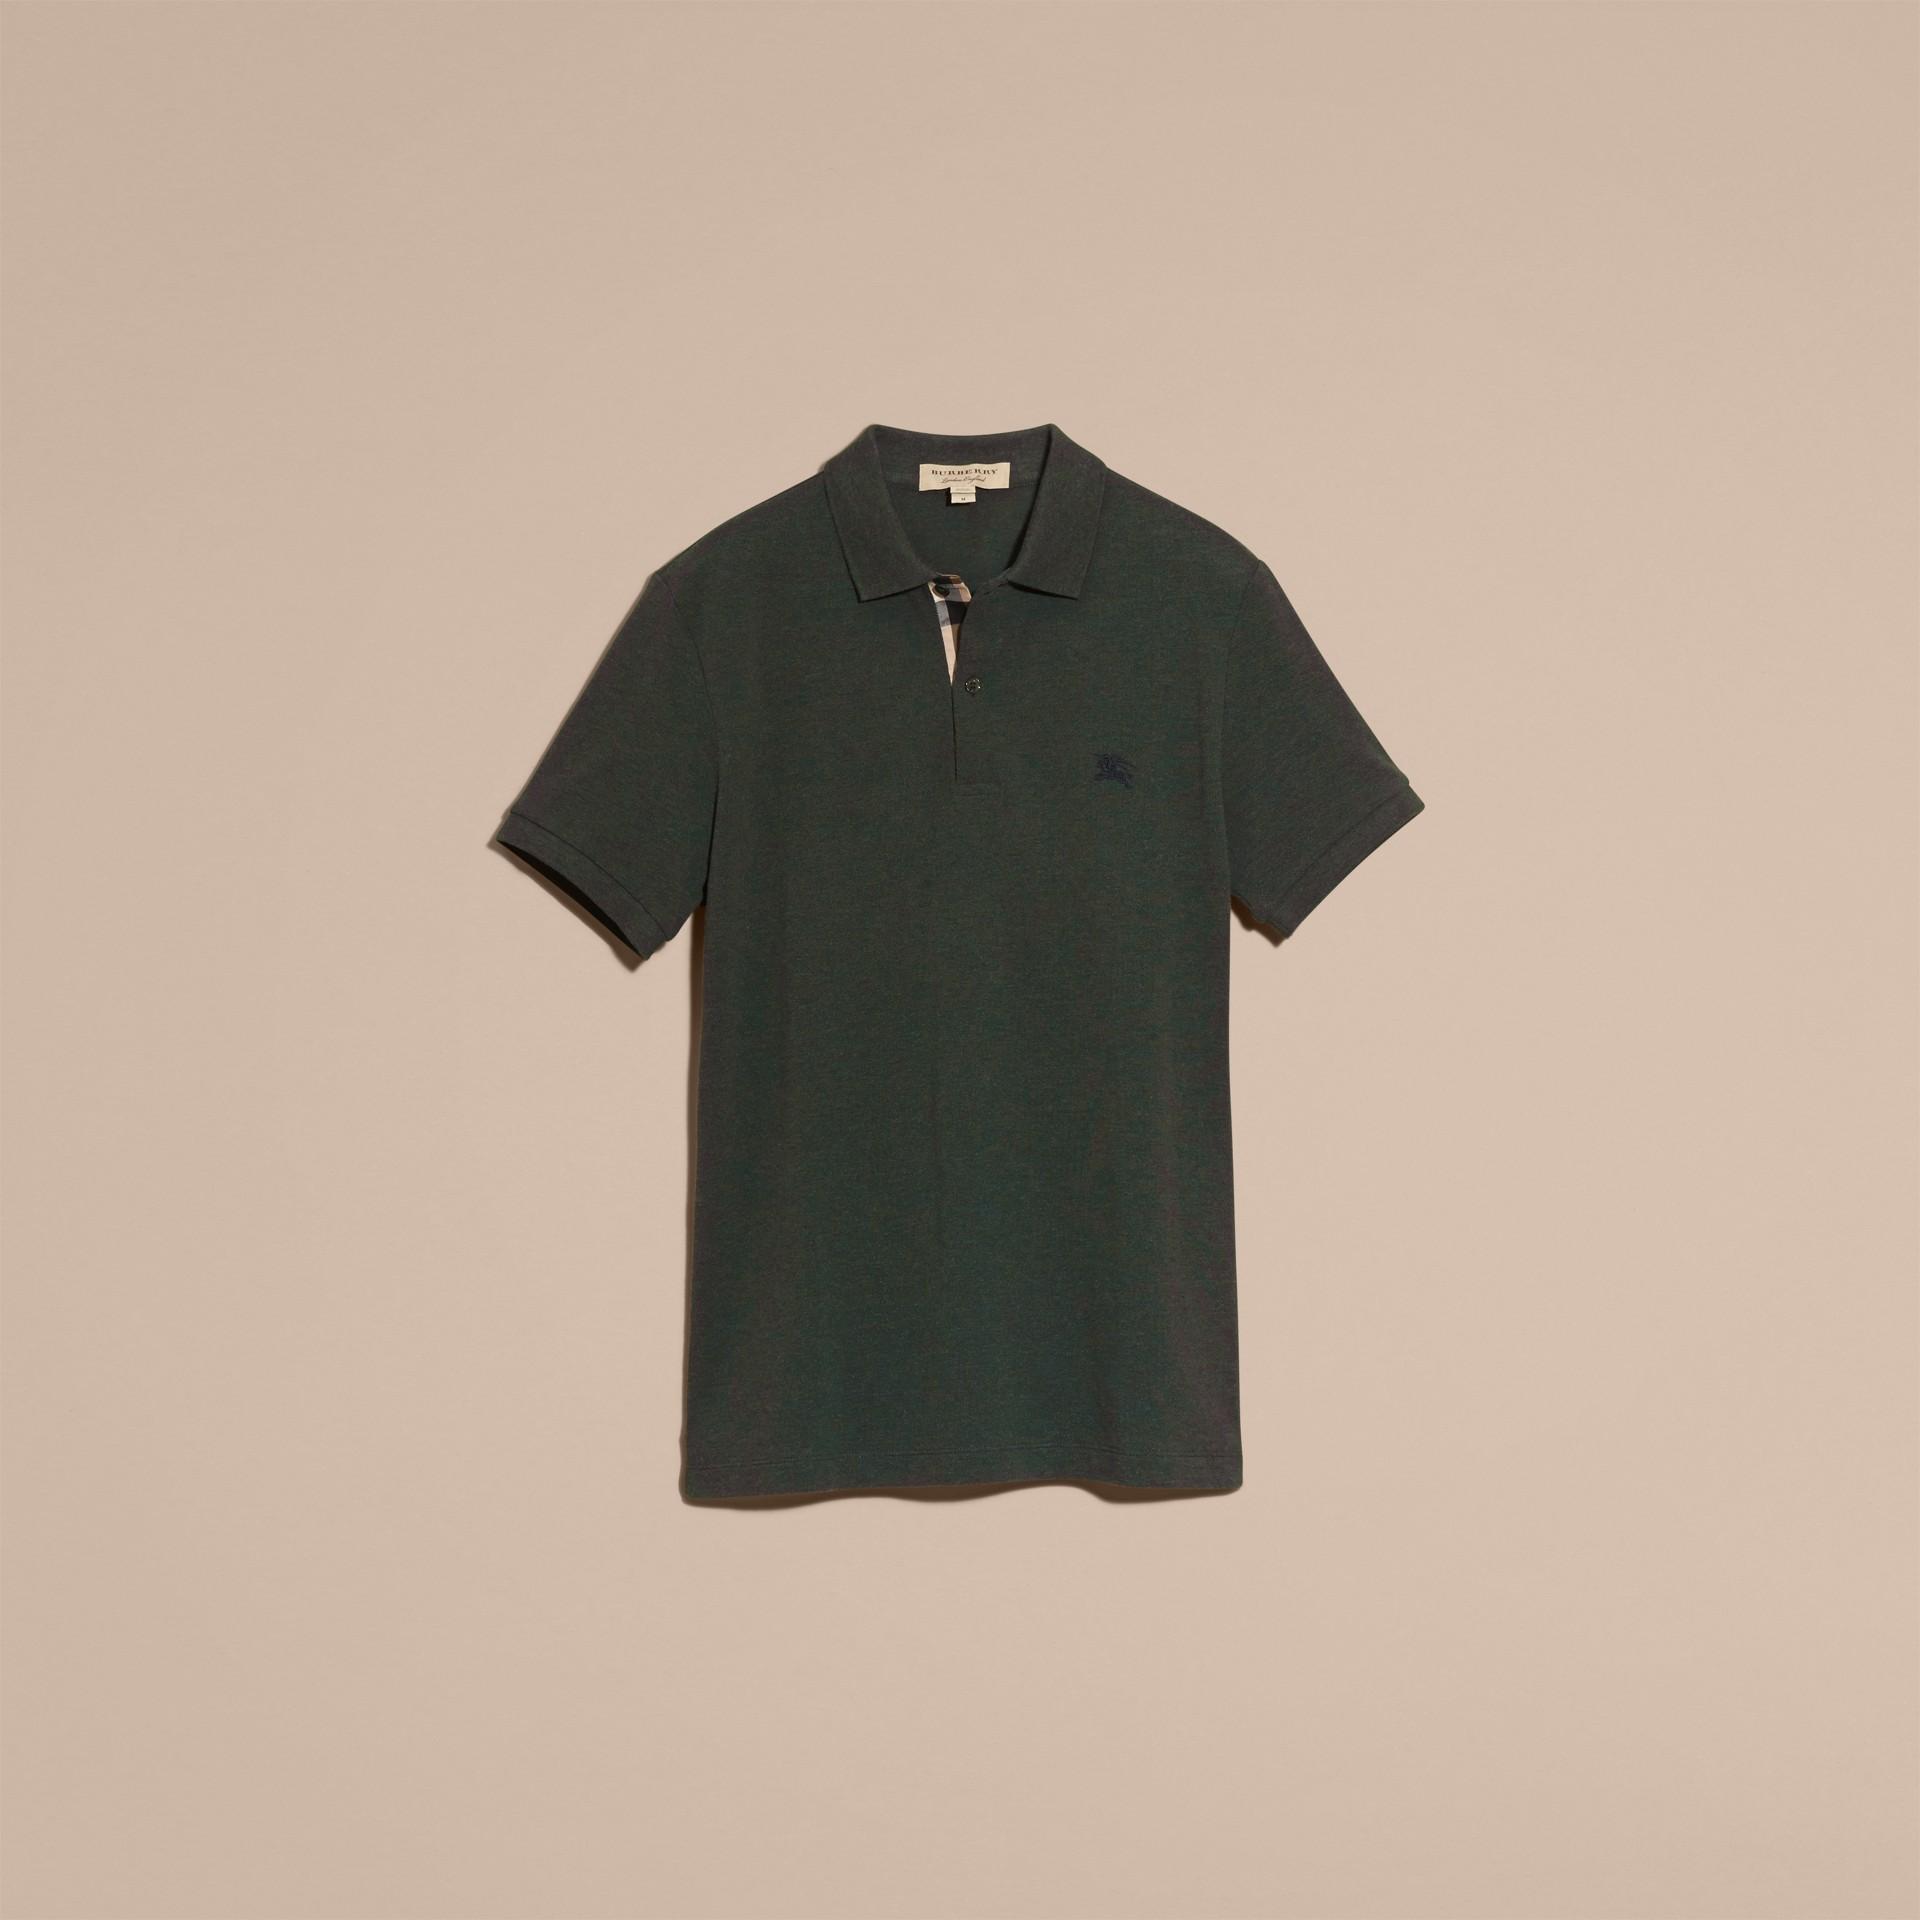 Camaïeu de verts racing Polo en piqué de coton avec patte à motif check Camaïeu  Verts Racing - photo de la galerie 4